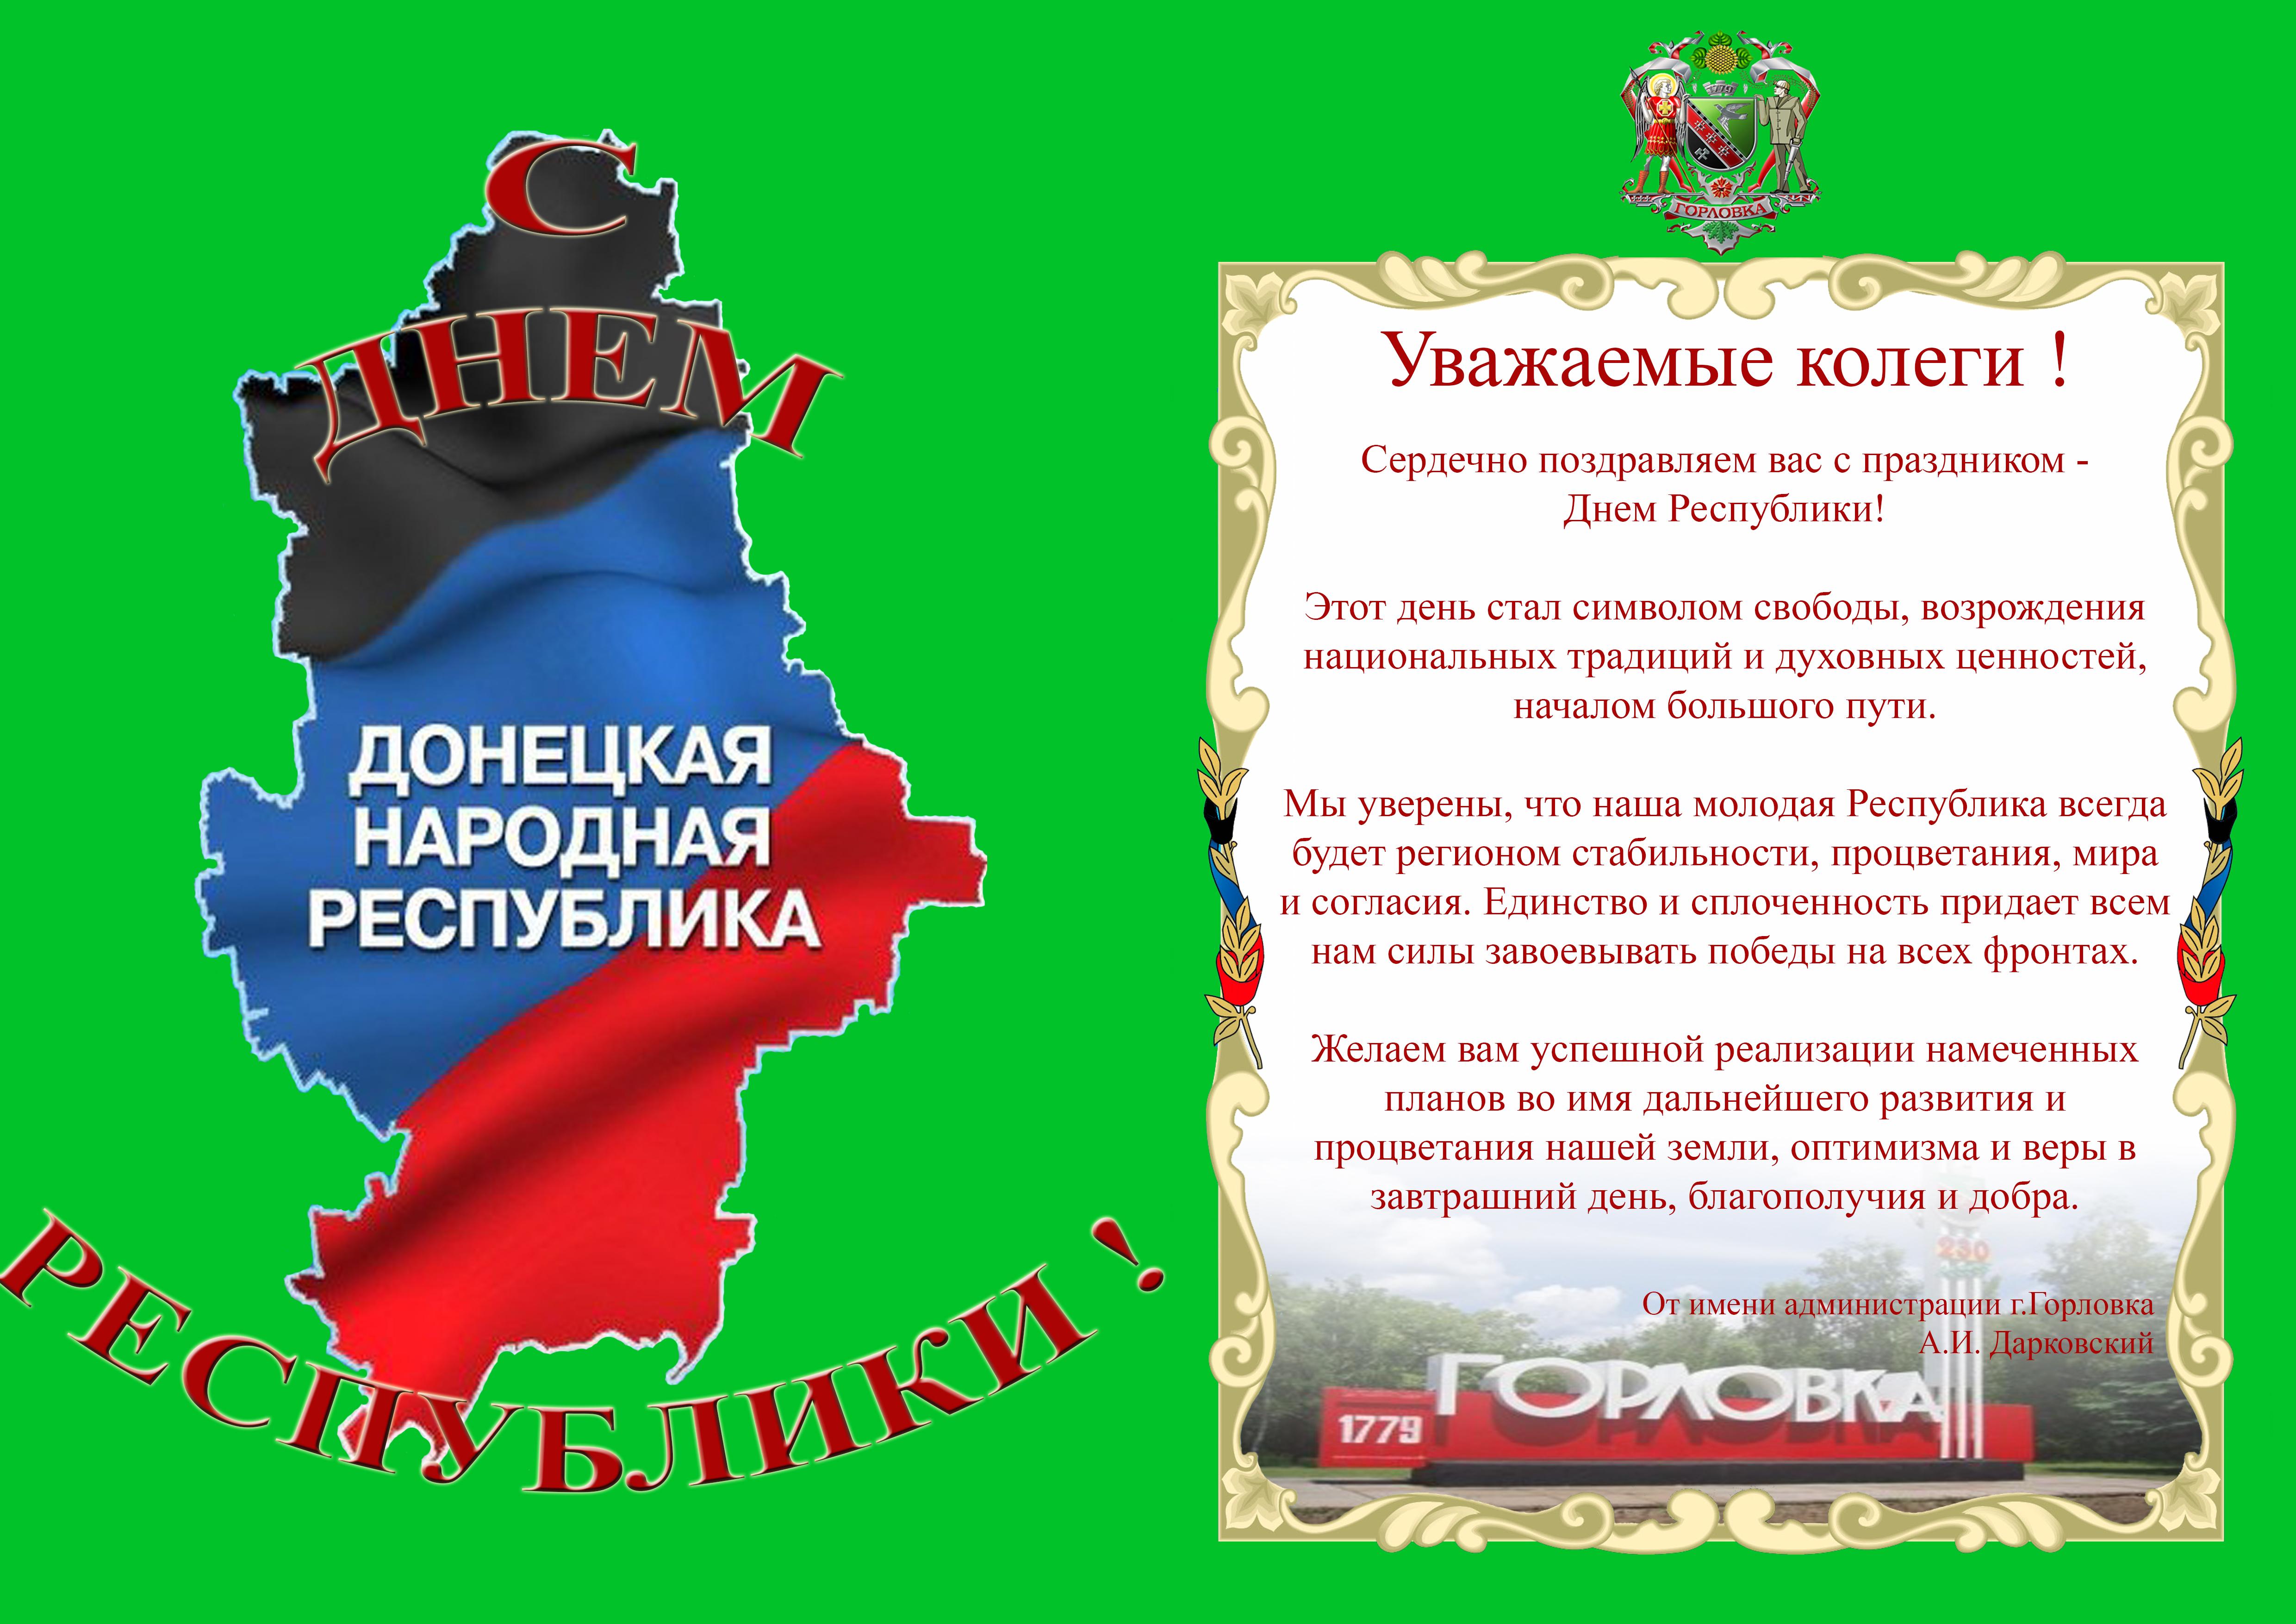 Поздравления и открытки с Днем работника прокуратуры 62